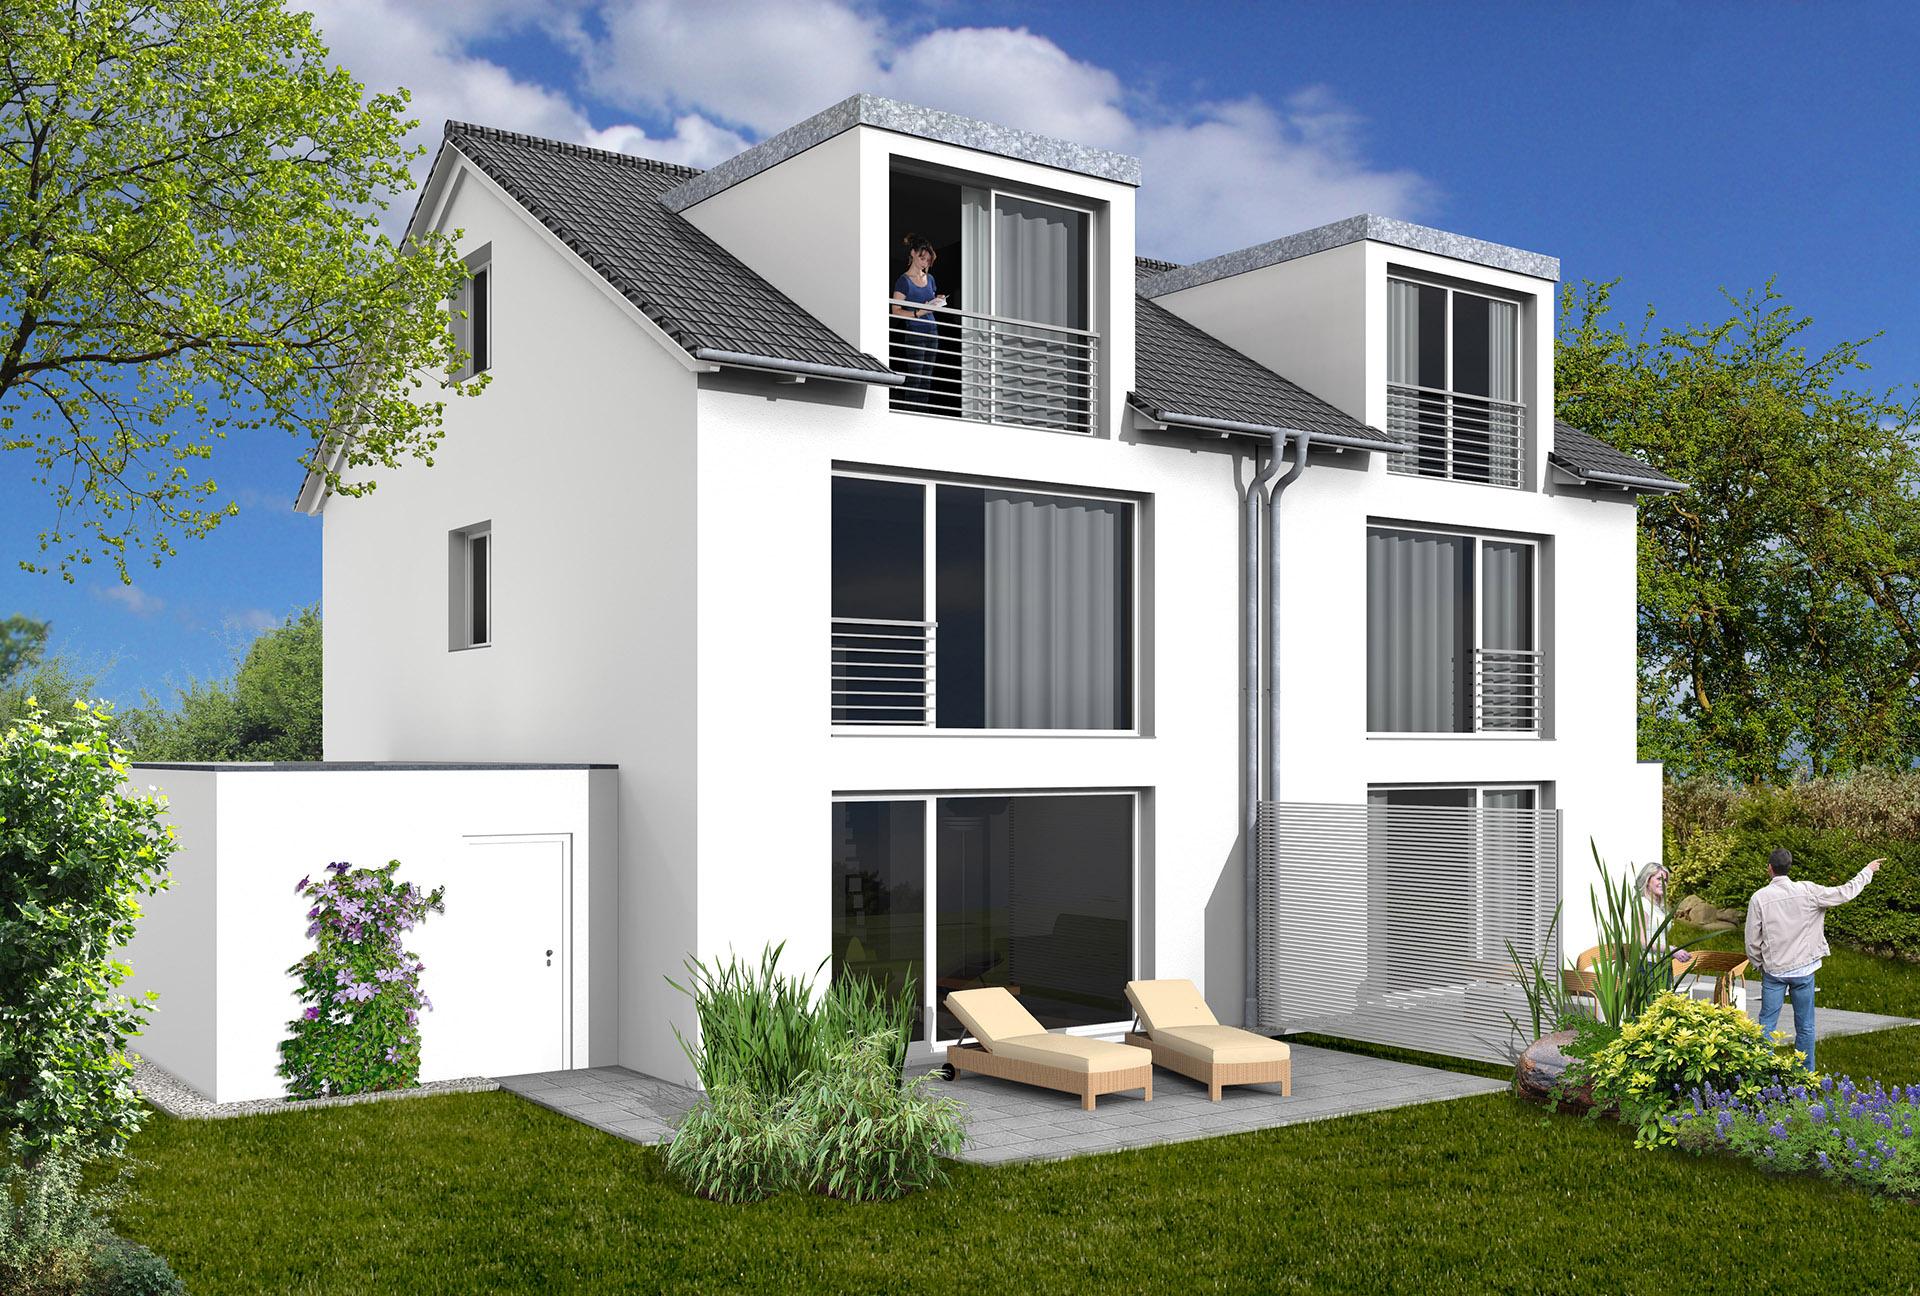 Verkaufsbeginn gleich zwei neue projekte wohnbau mz for Bilder doppelhaus